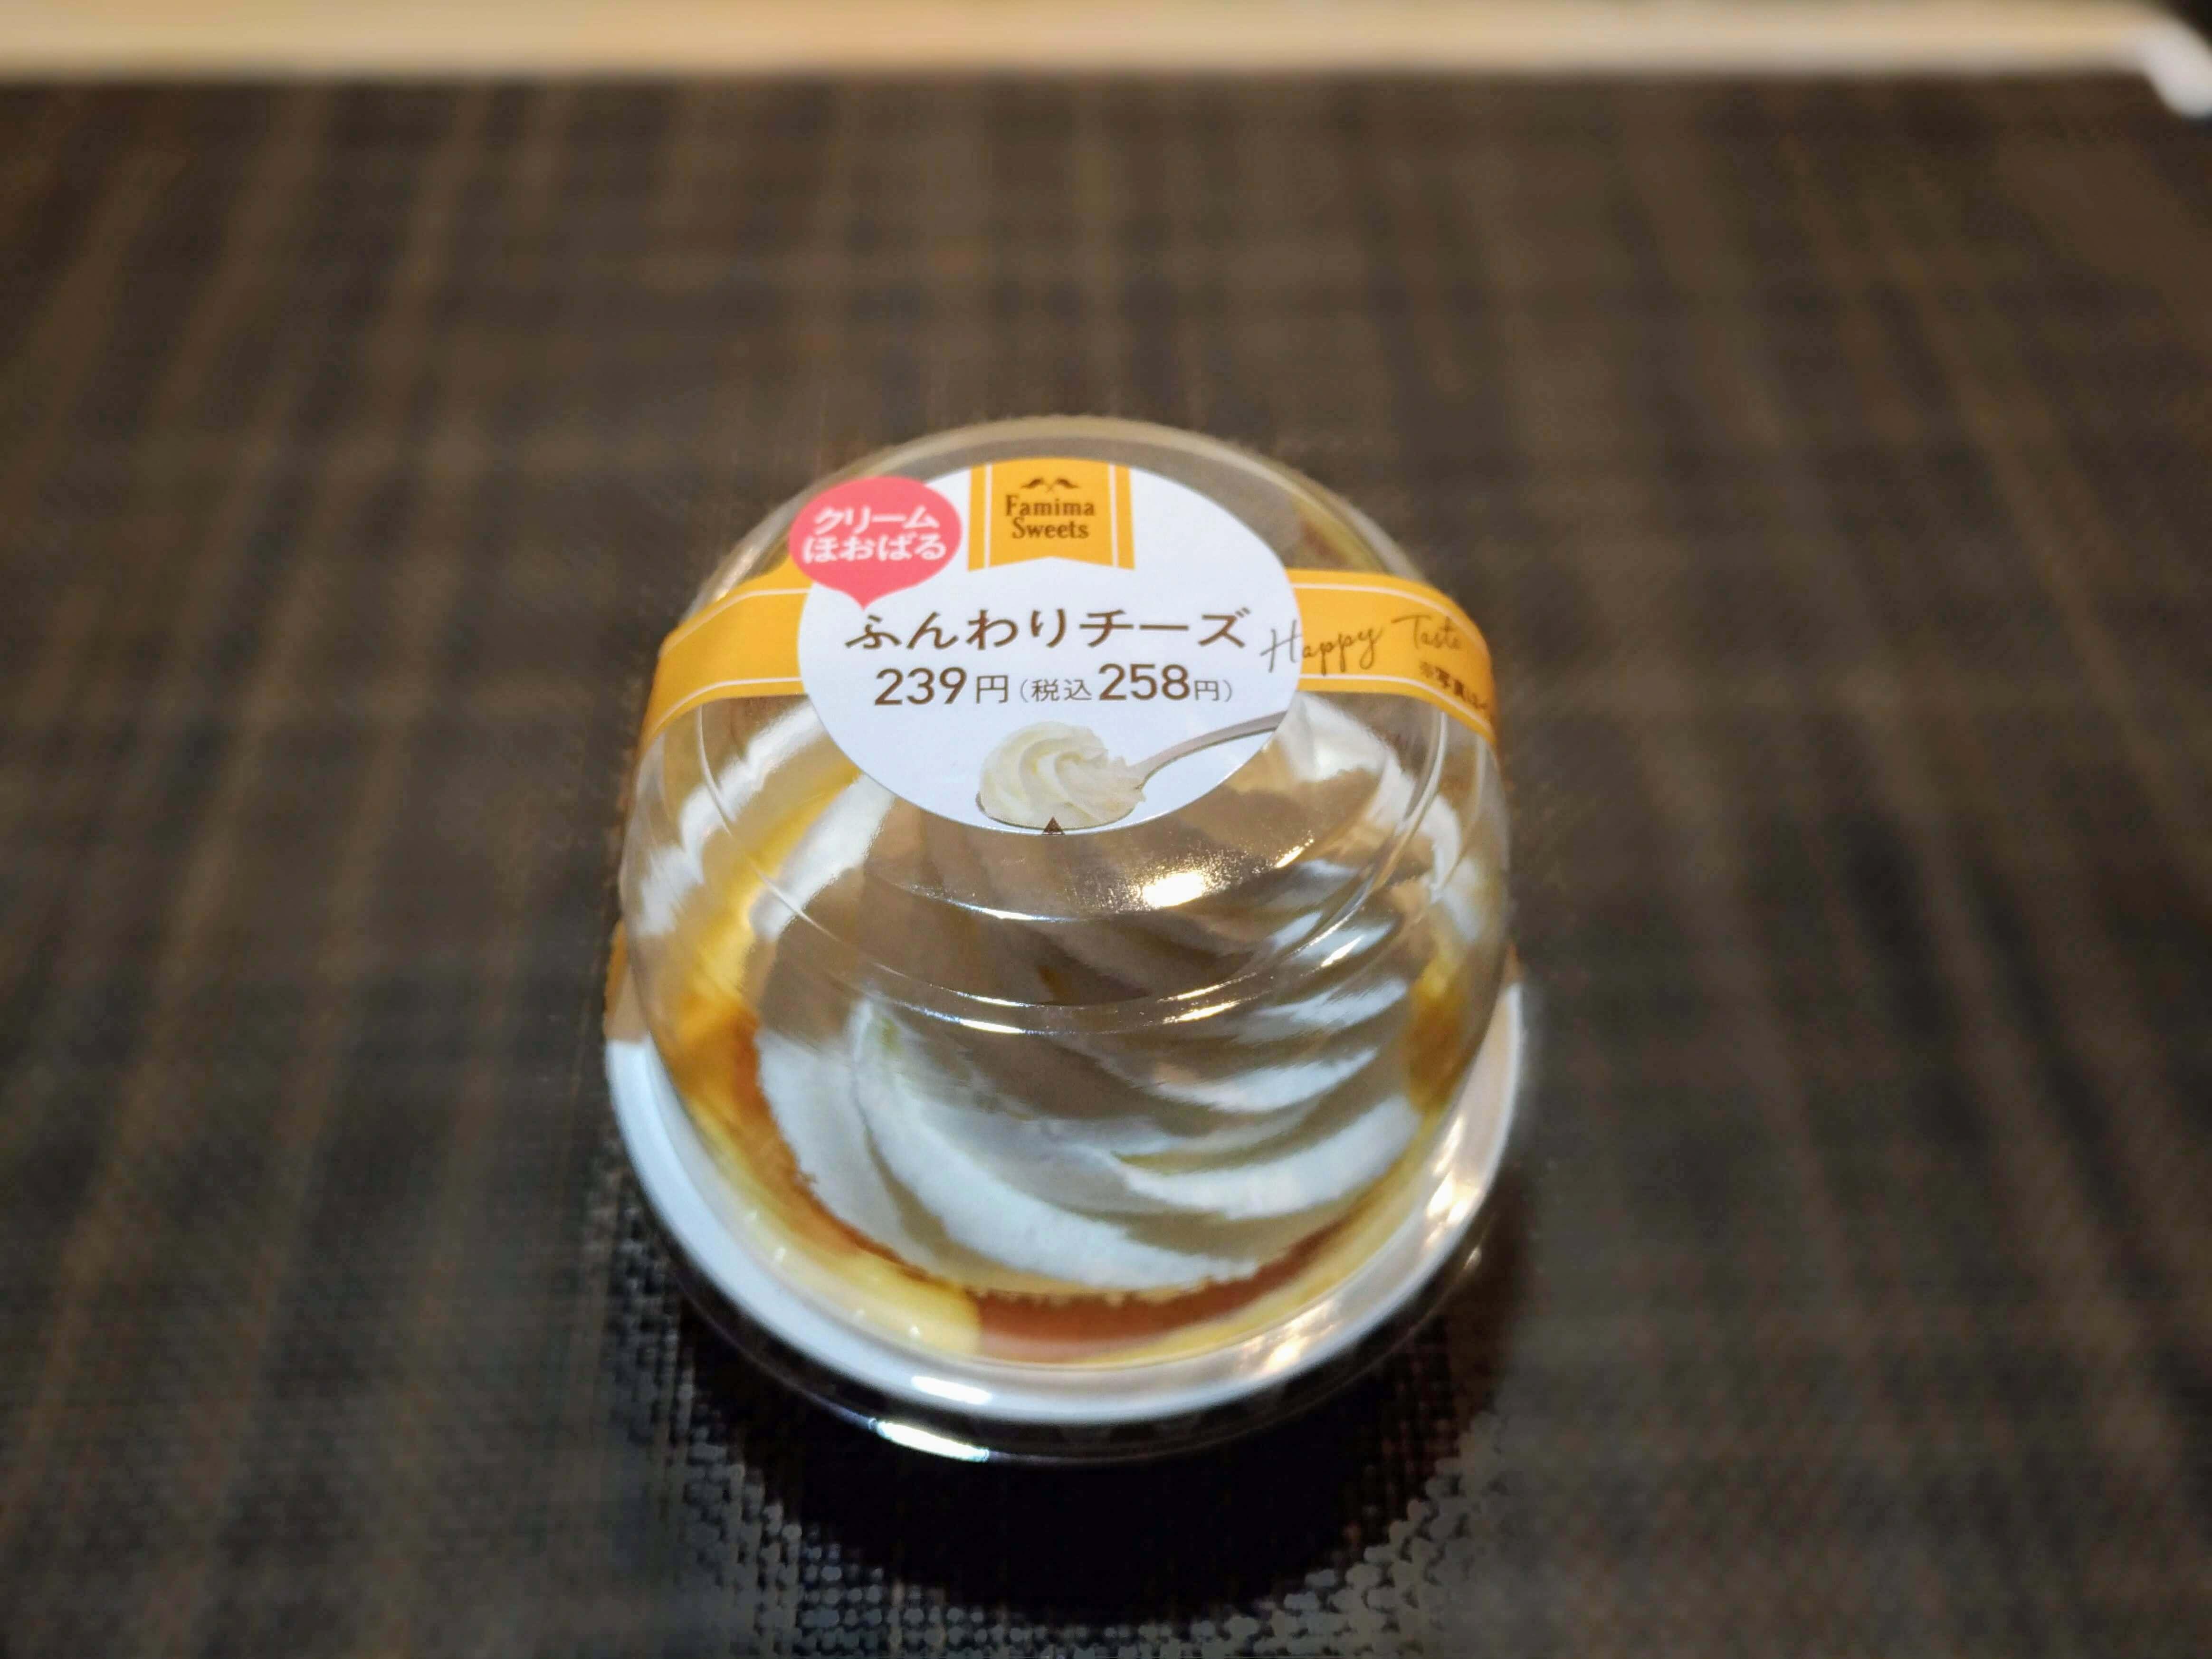 ファミリーマート ふんわりチーズ 239円税別 (1)